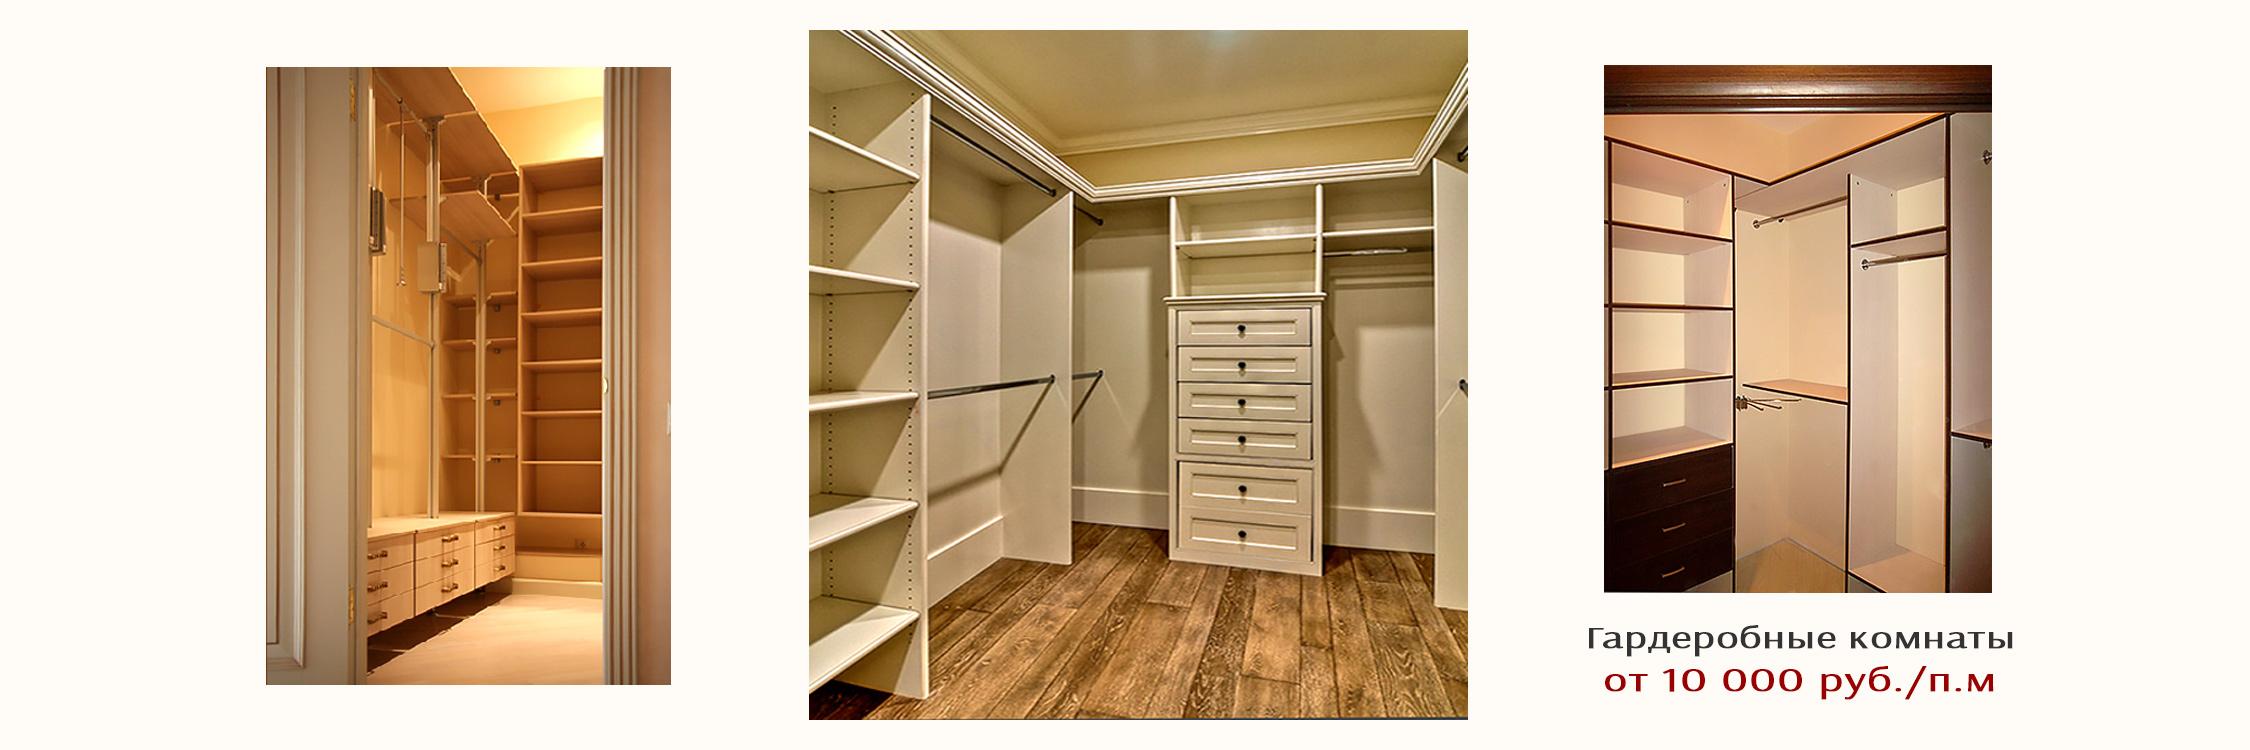 Комнаты гардеробные на заказ